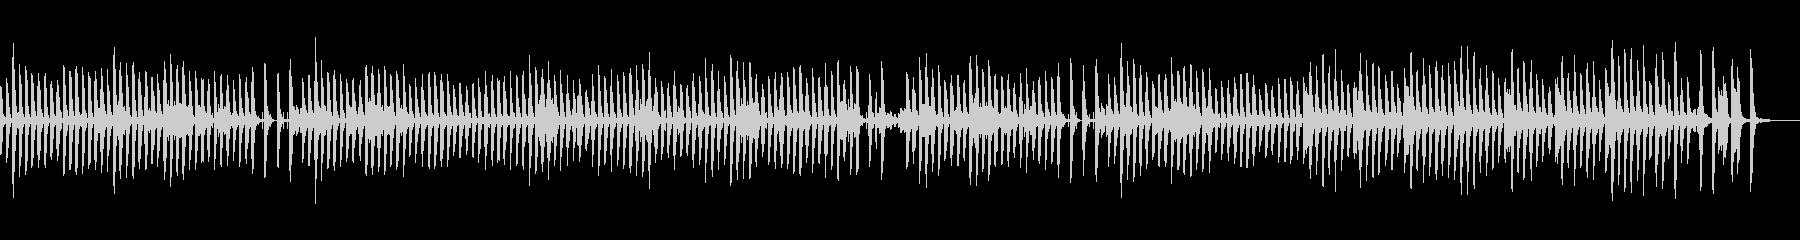 ほのぼの可愛い日常曲/ピアノ/鉄琴の未再生の波形